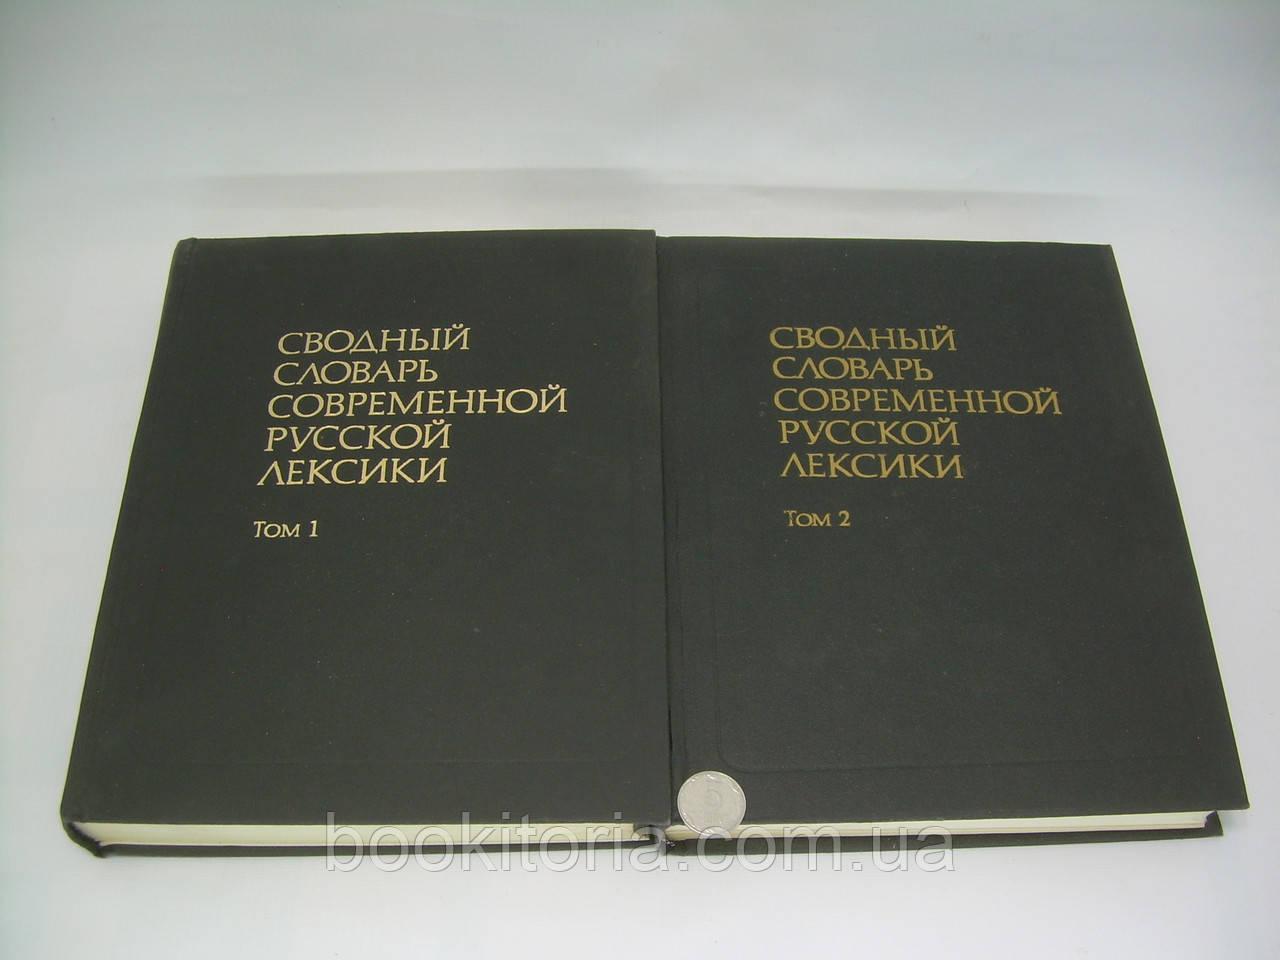 Сводный словарь современной русской лексики. В двух томах (б/у).